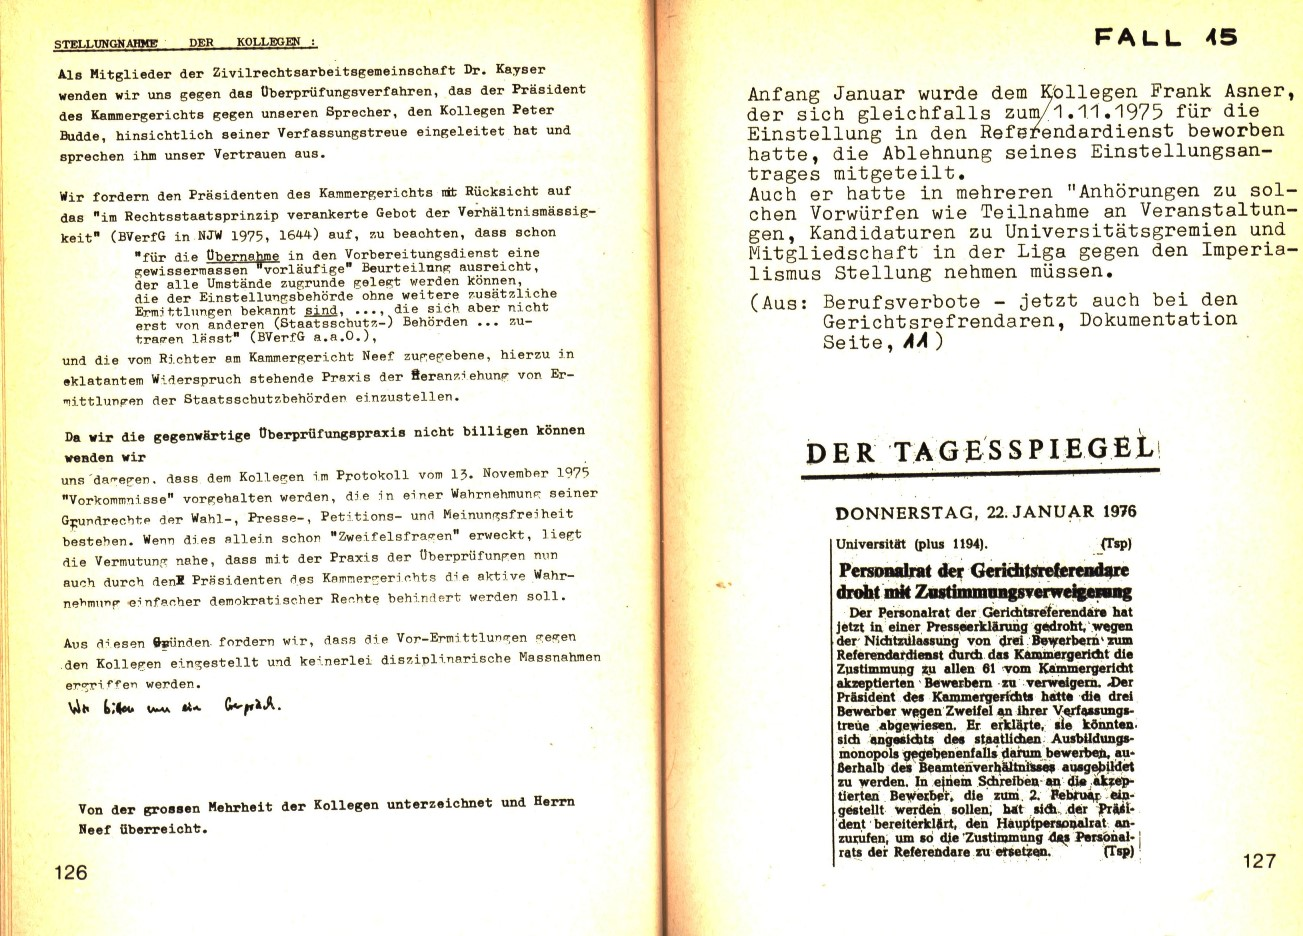 Berlin_VDS_Aktionskomitee_1976_BerufsverboteIII_65